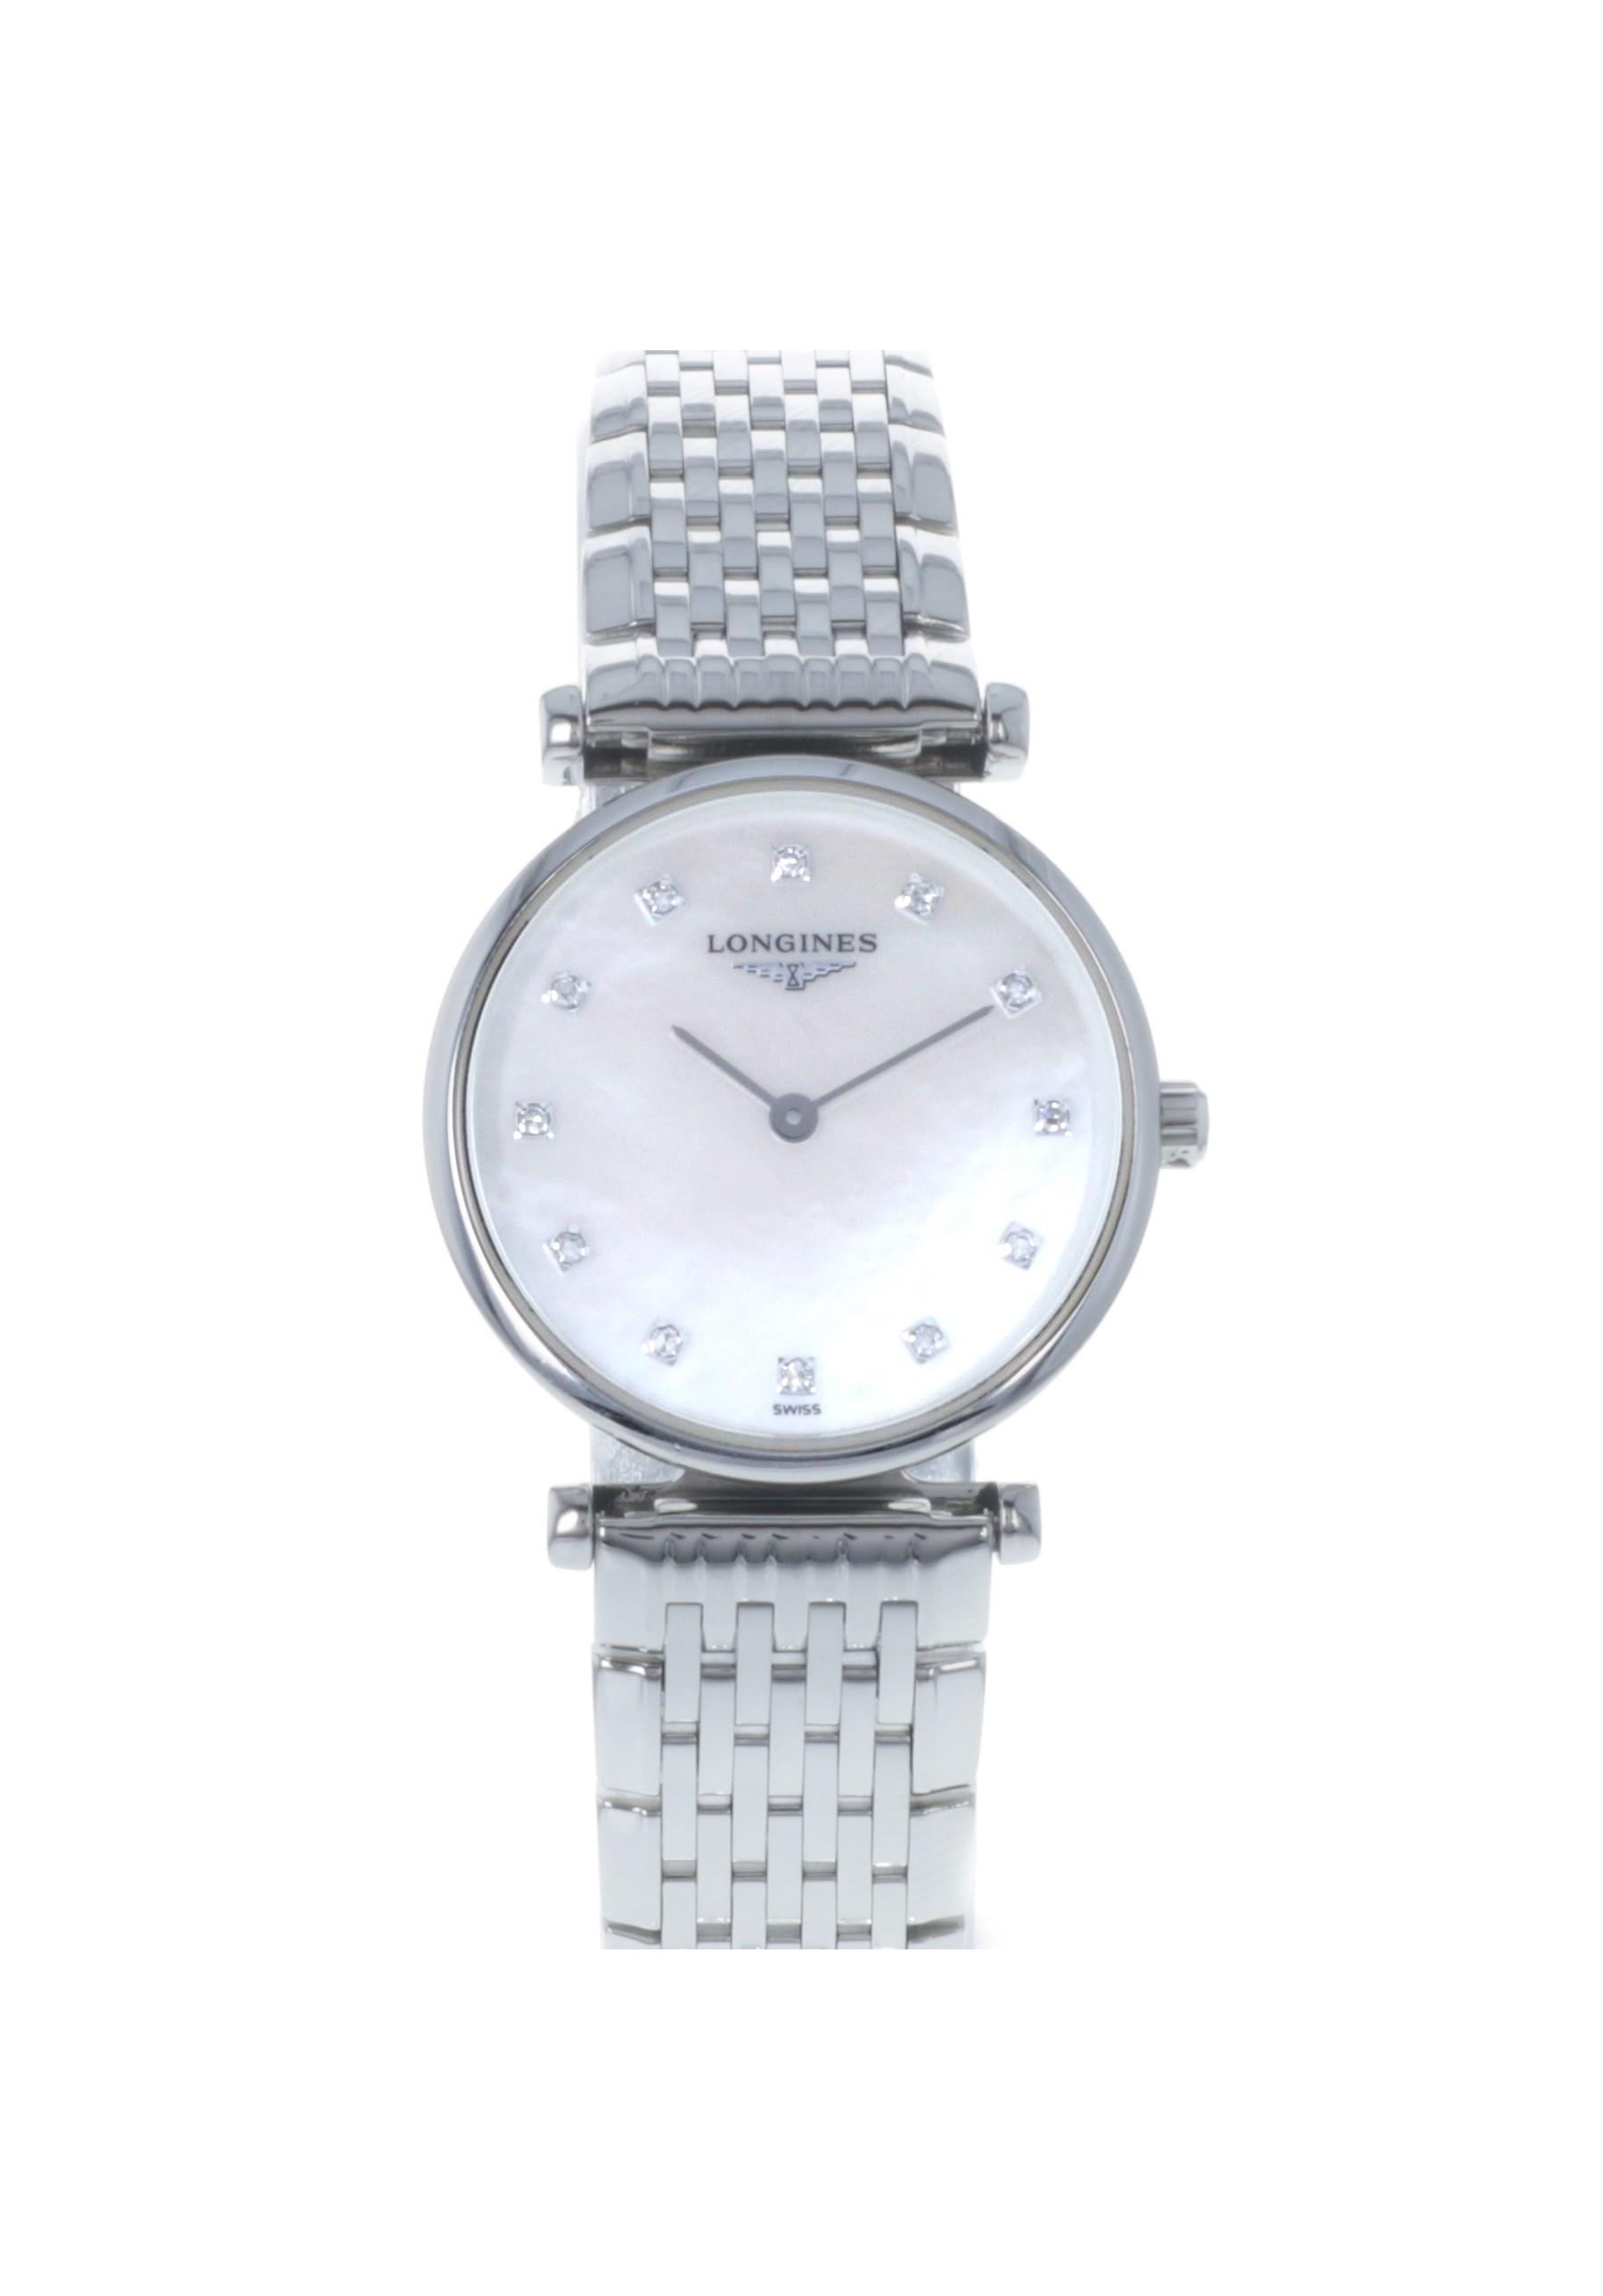 Montre Longines La Grande Classique quartz cadran nacre index diamants bracelet acier 24 mm